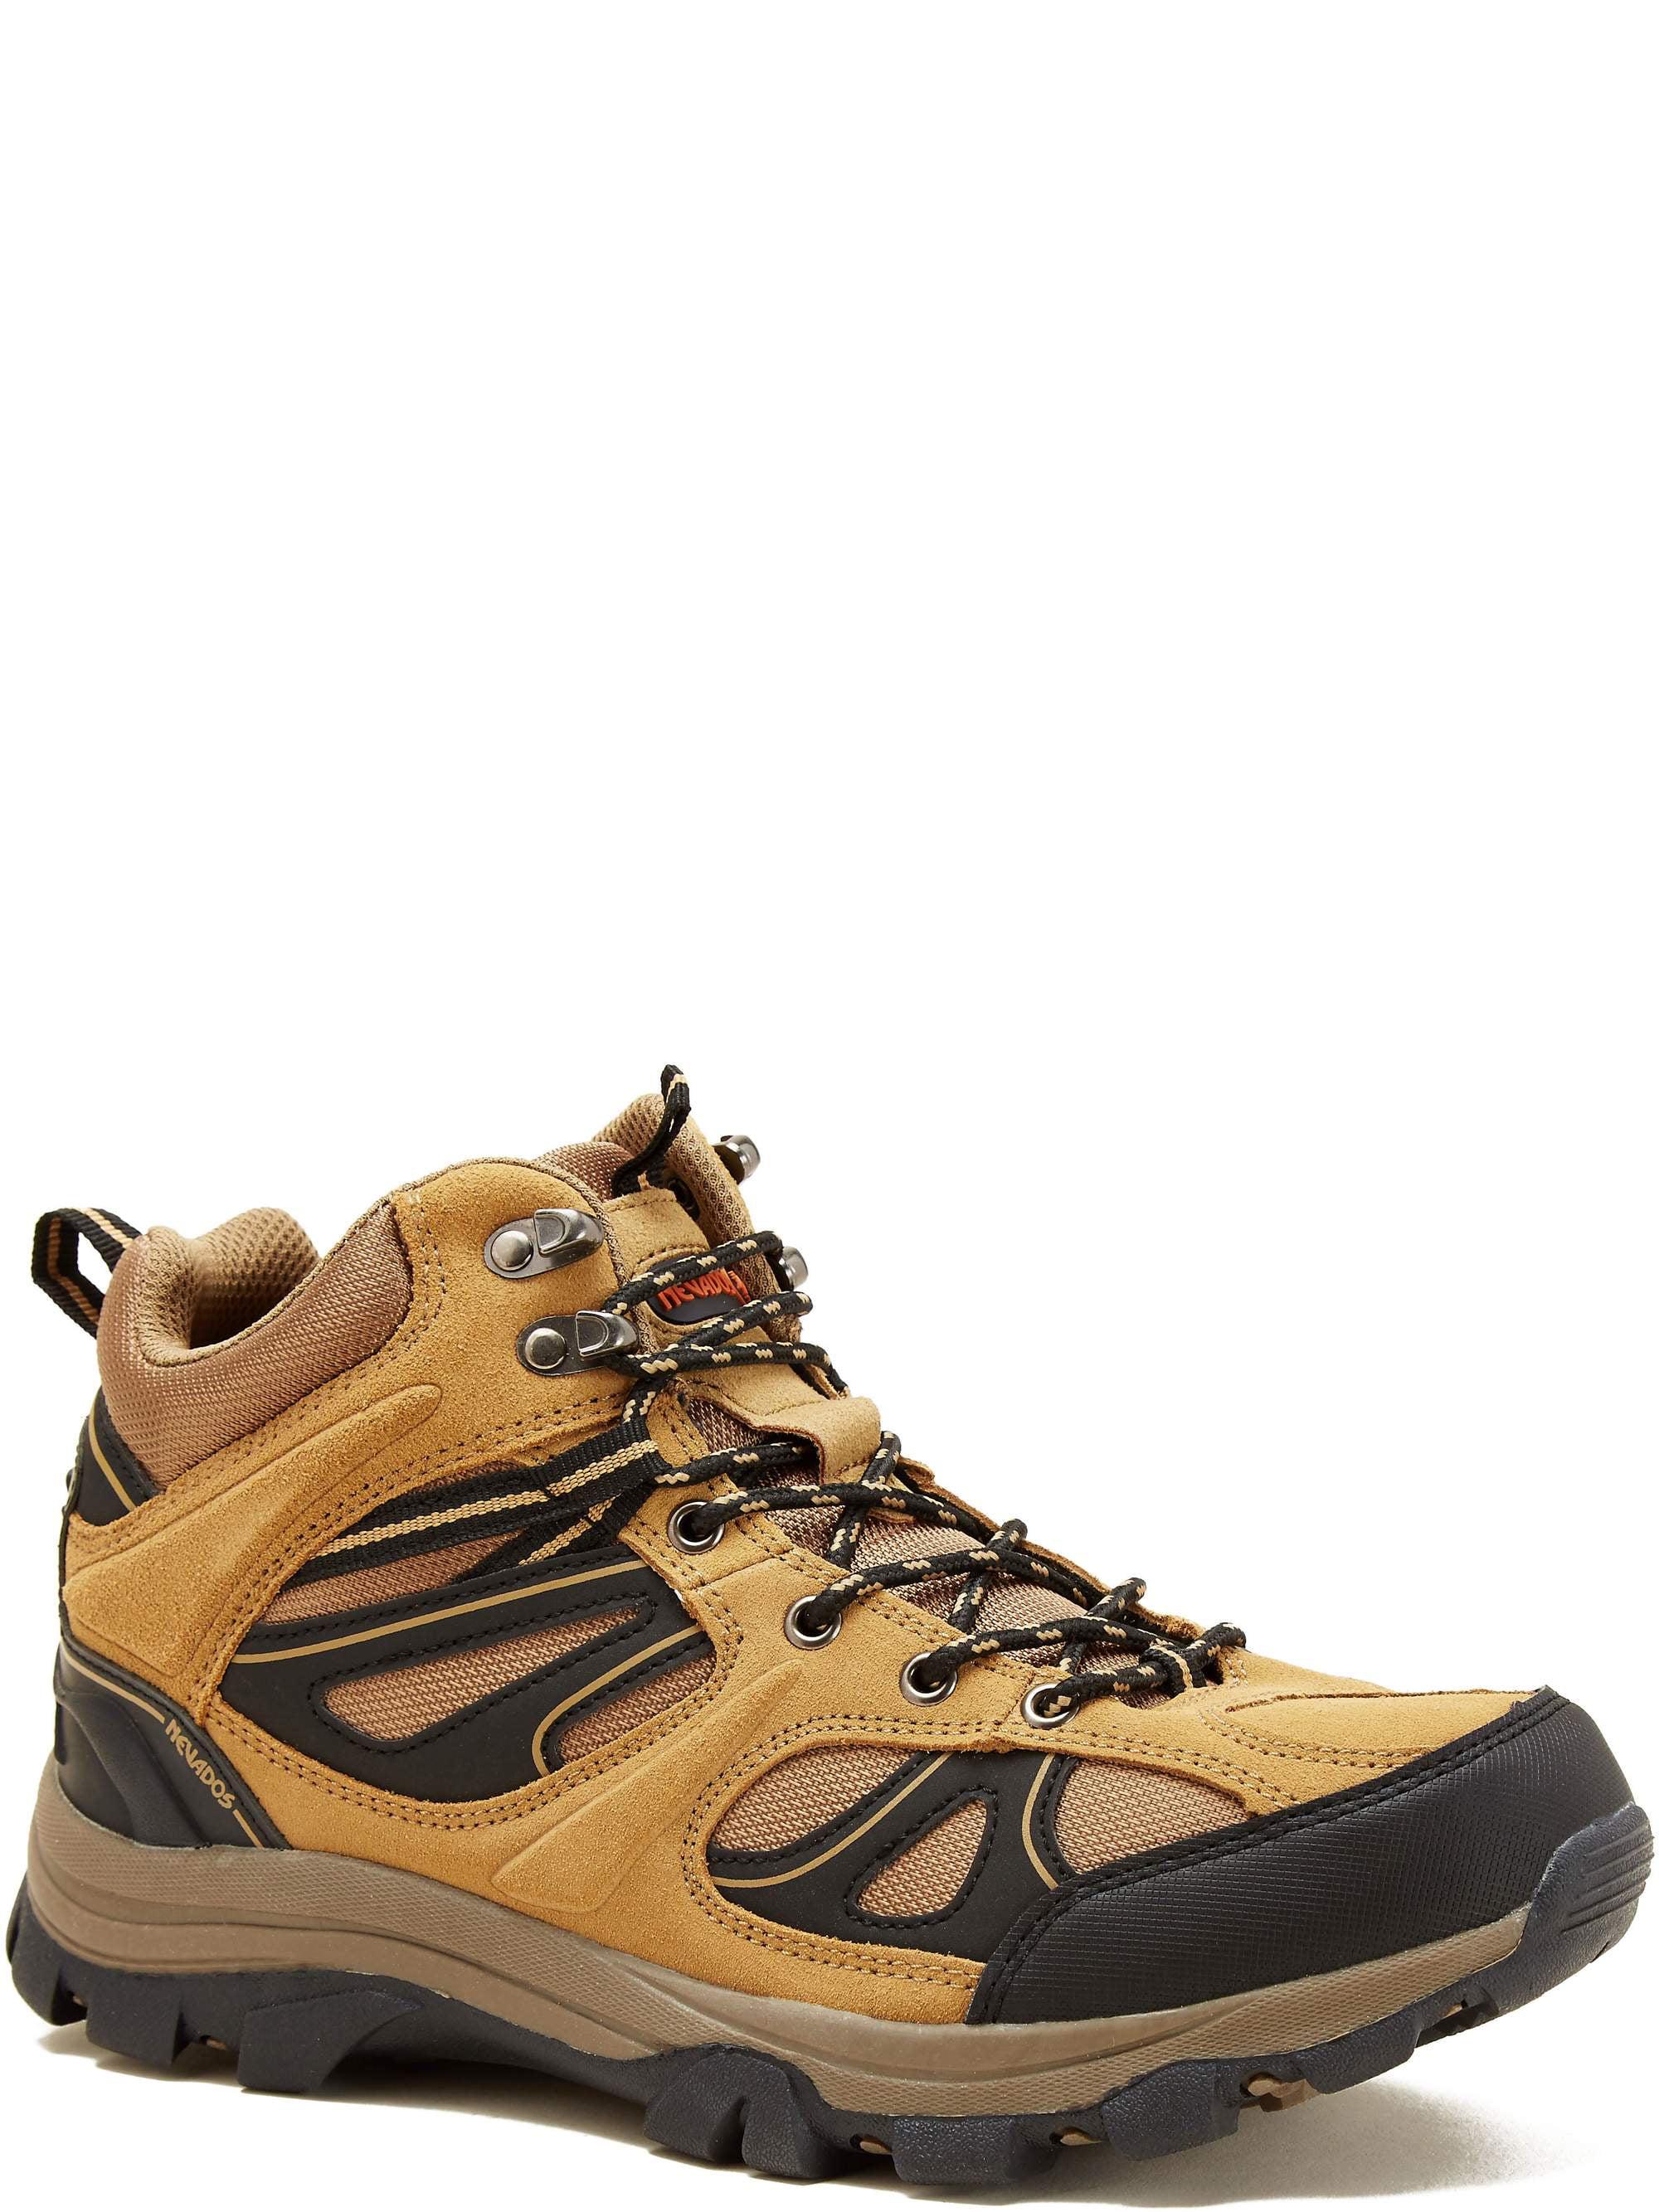 CASTLE 46 Chavez Mens Mid Cut Hiking Boots